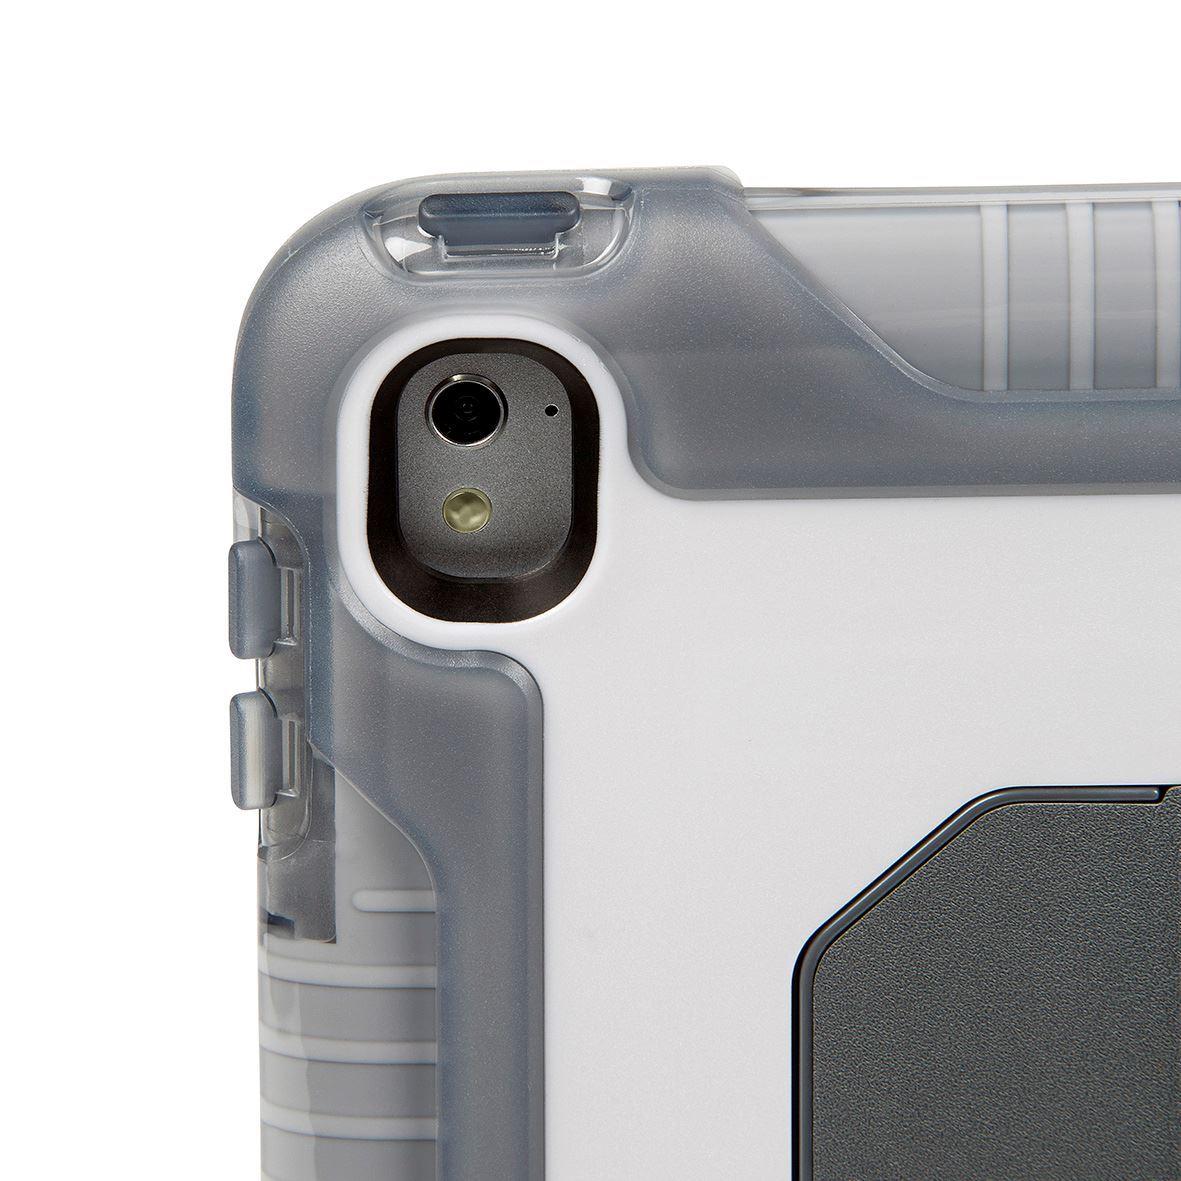 Myydän ipad air Ipad air myydän Hopeinen Omena Myydän iPhone, iPad ja iPod